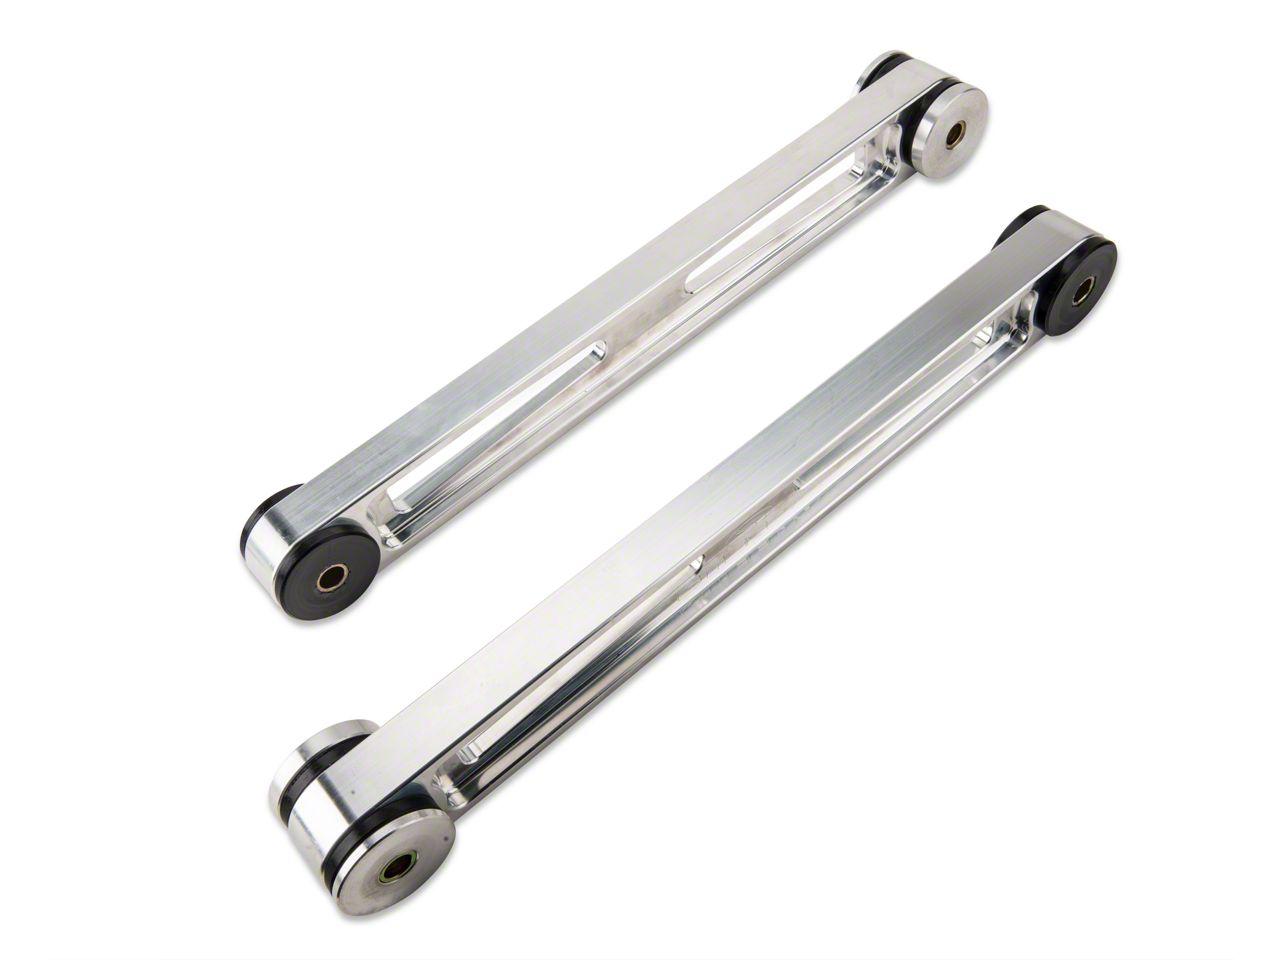 Steeda Billet Rear Lower Control Arms - Polyurethane Bushings (05-14 All)